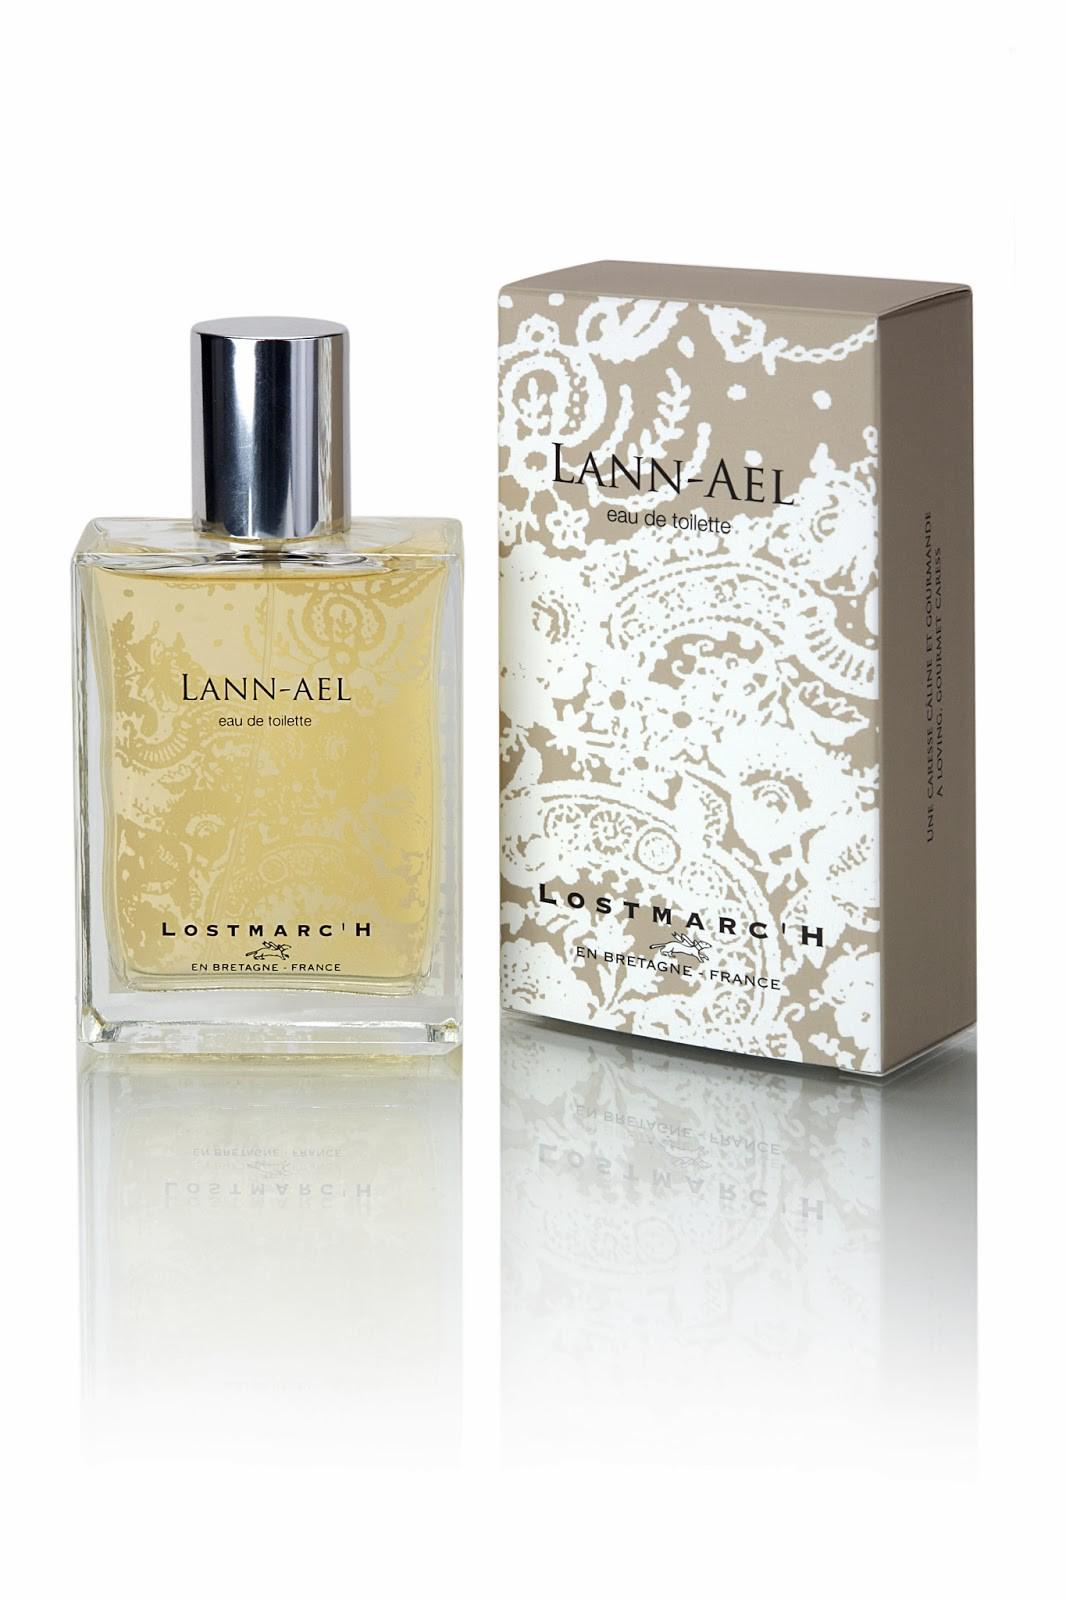 Lostmarc'h Lann-Ael аромат для женщин